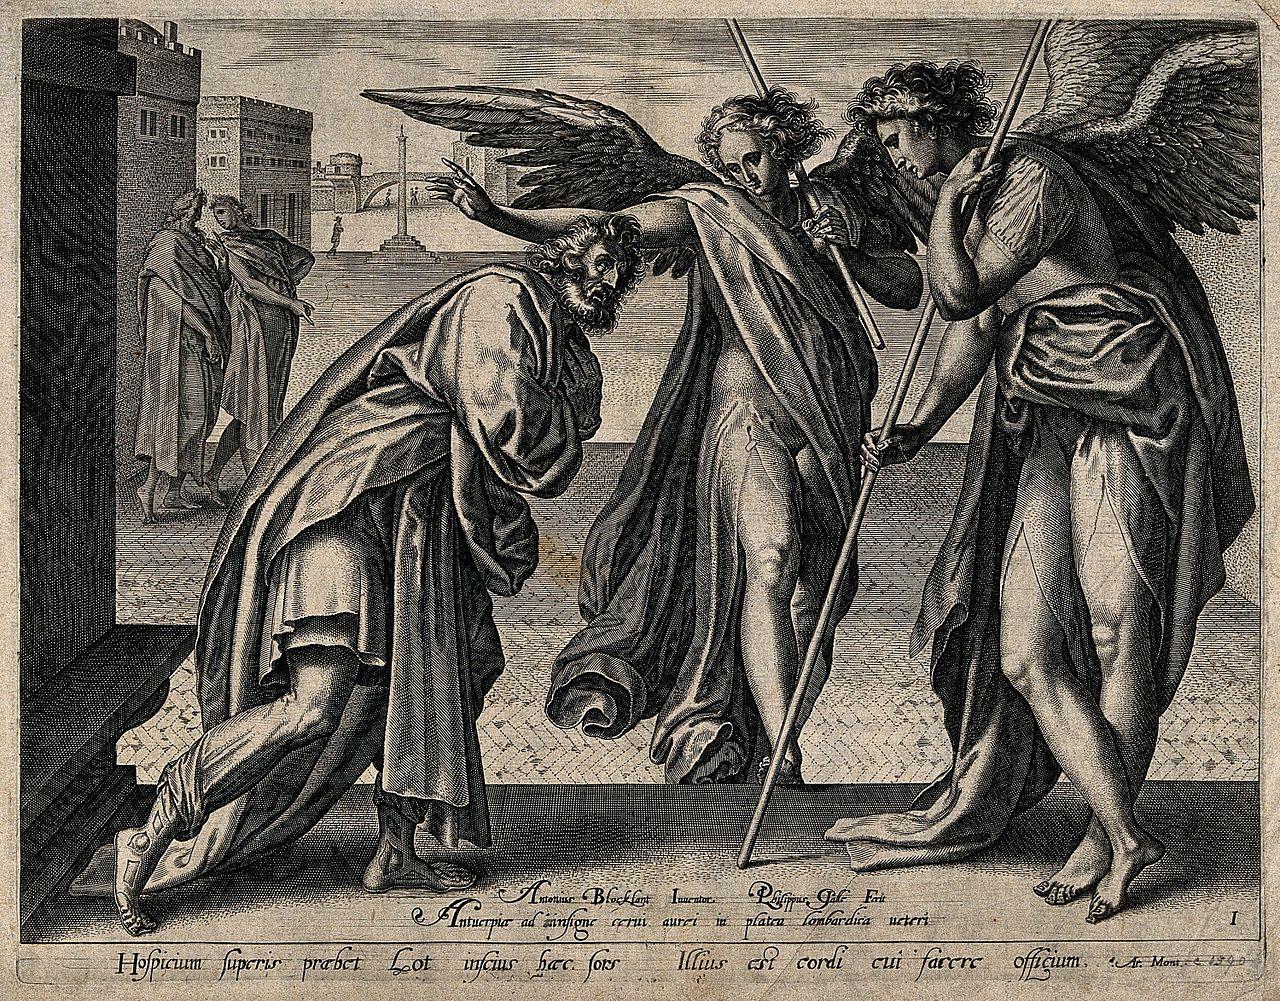 창세기 19장 소돔과 고모라의 멸망